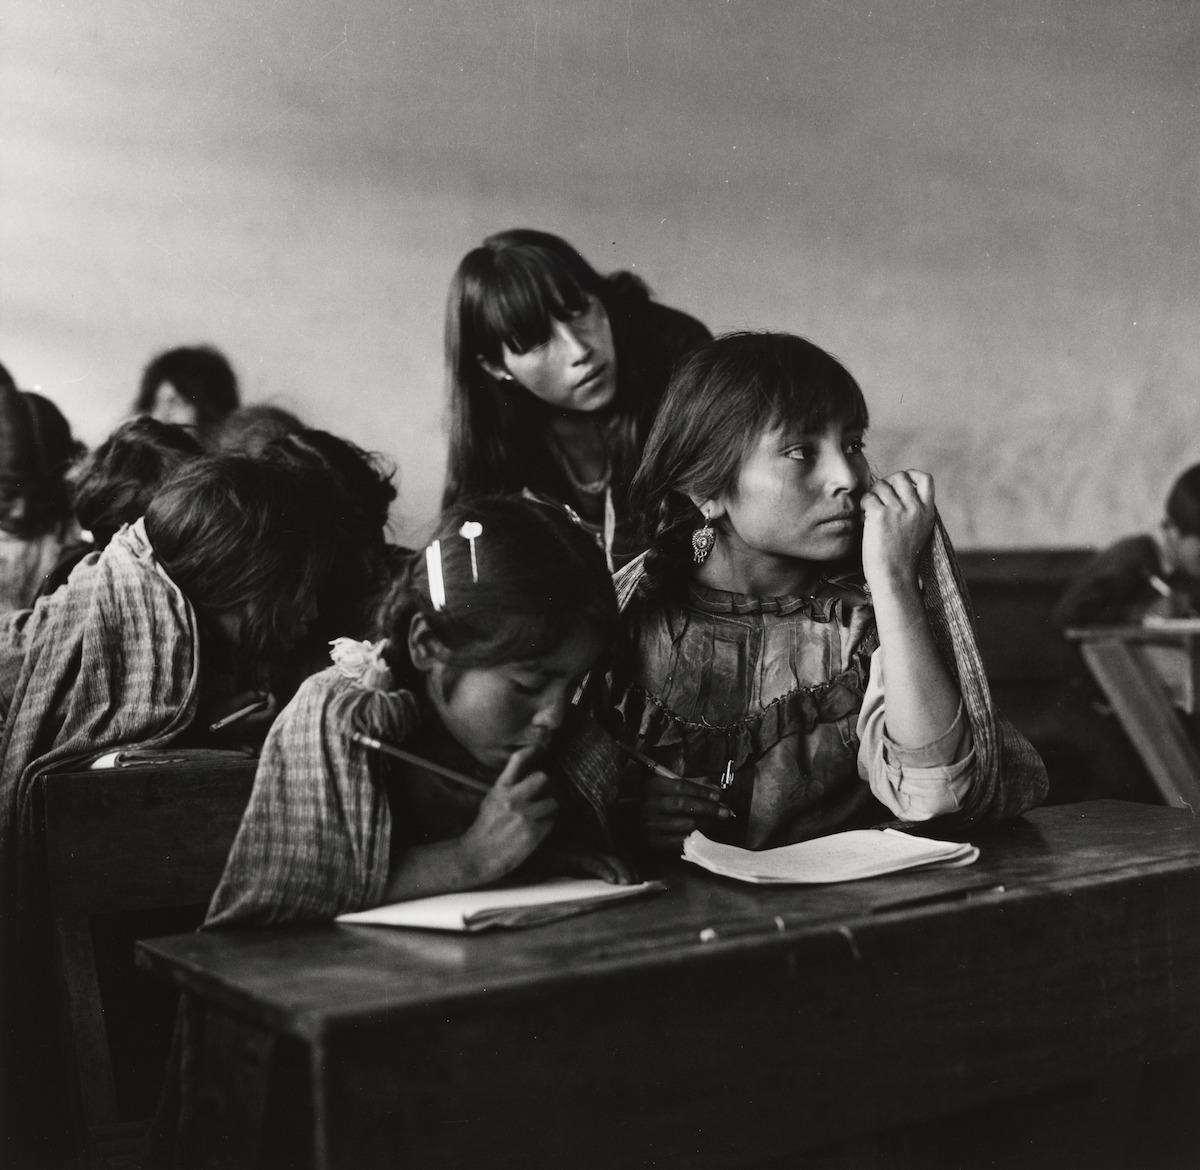 Escuela mazahua, Mariana Yampolsky, 1984- MOMA